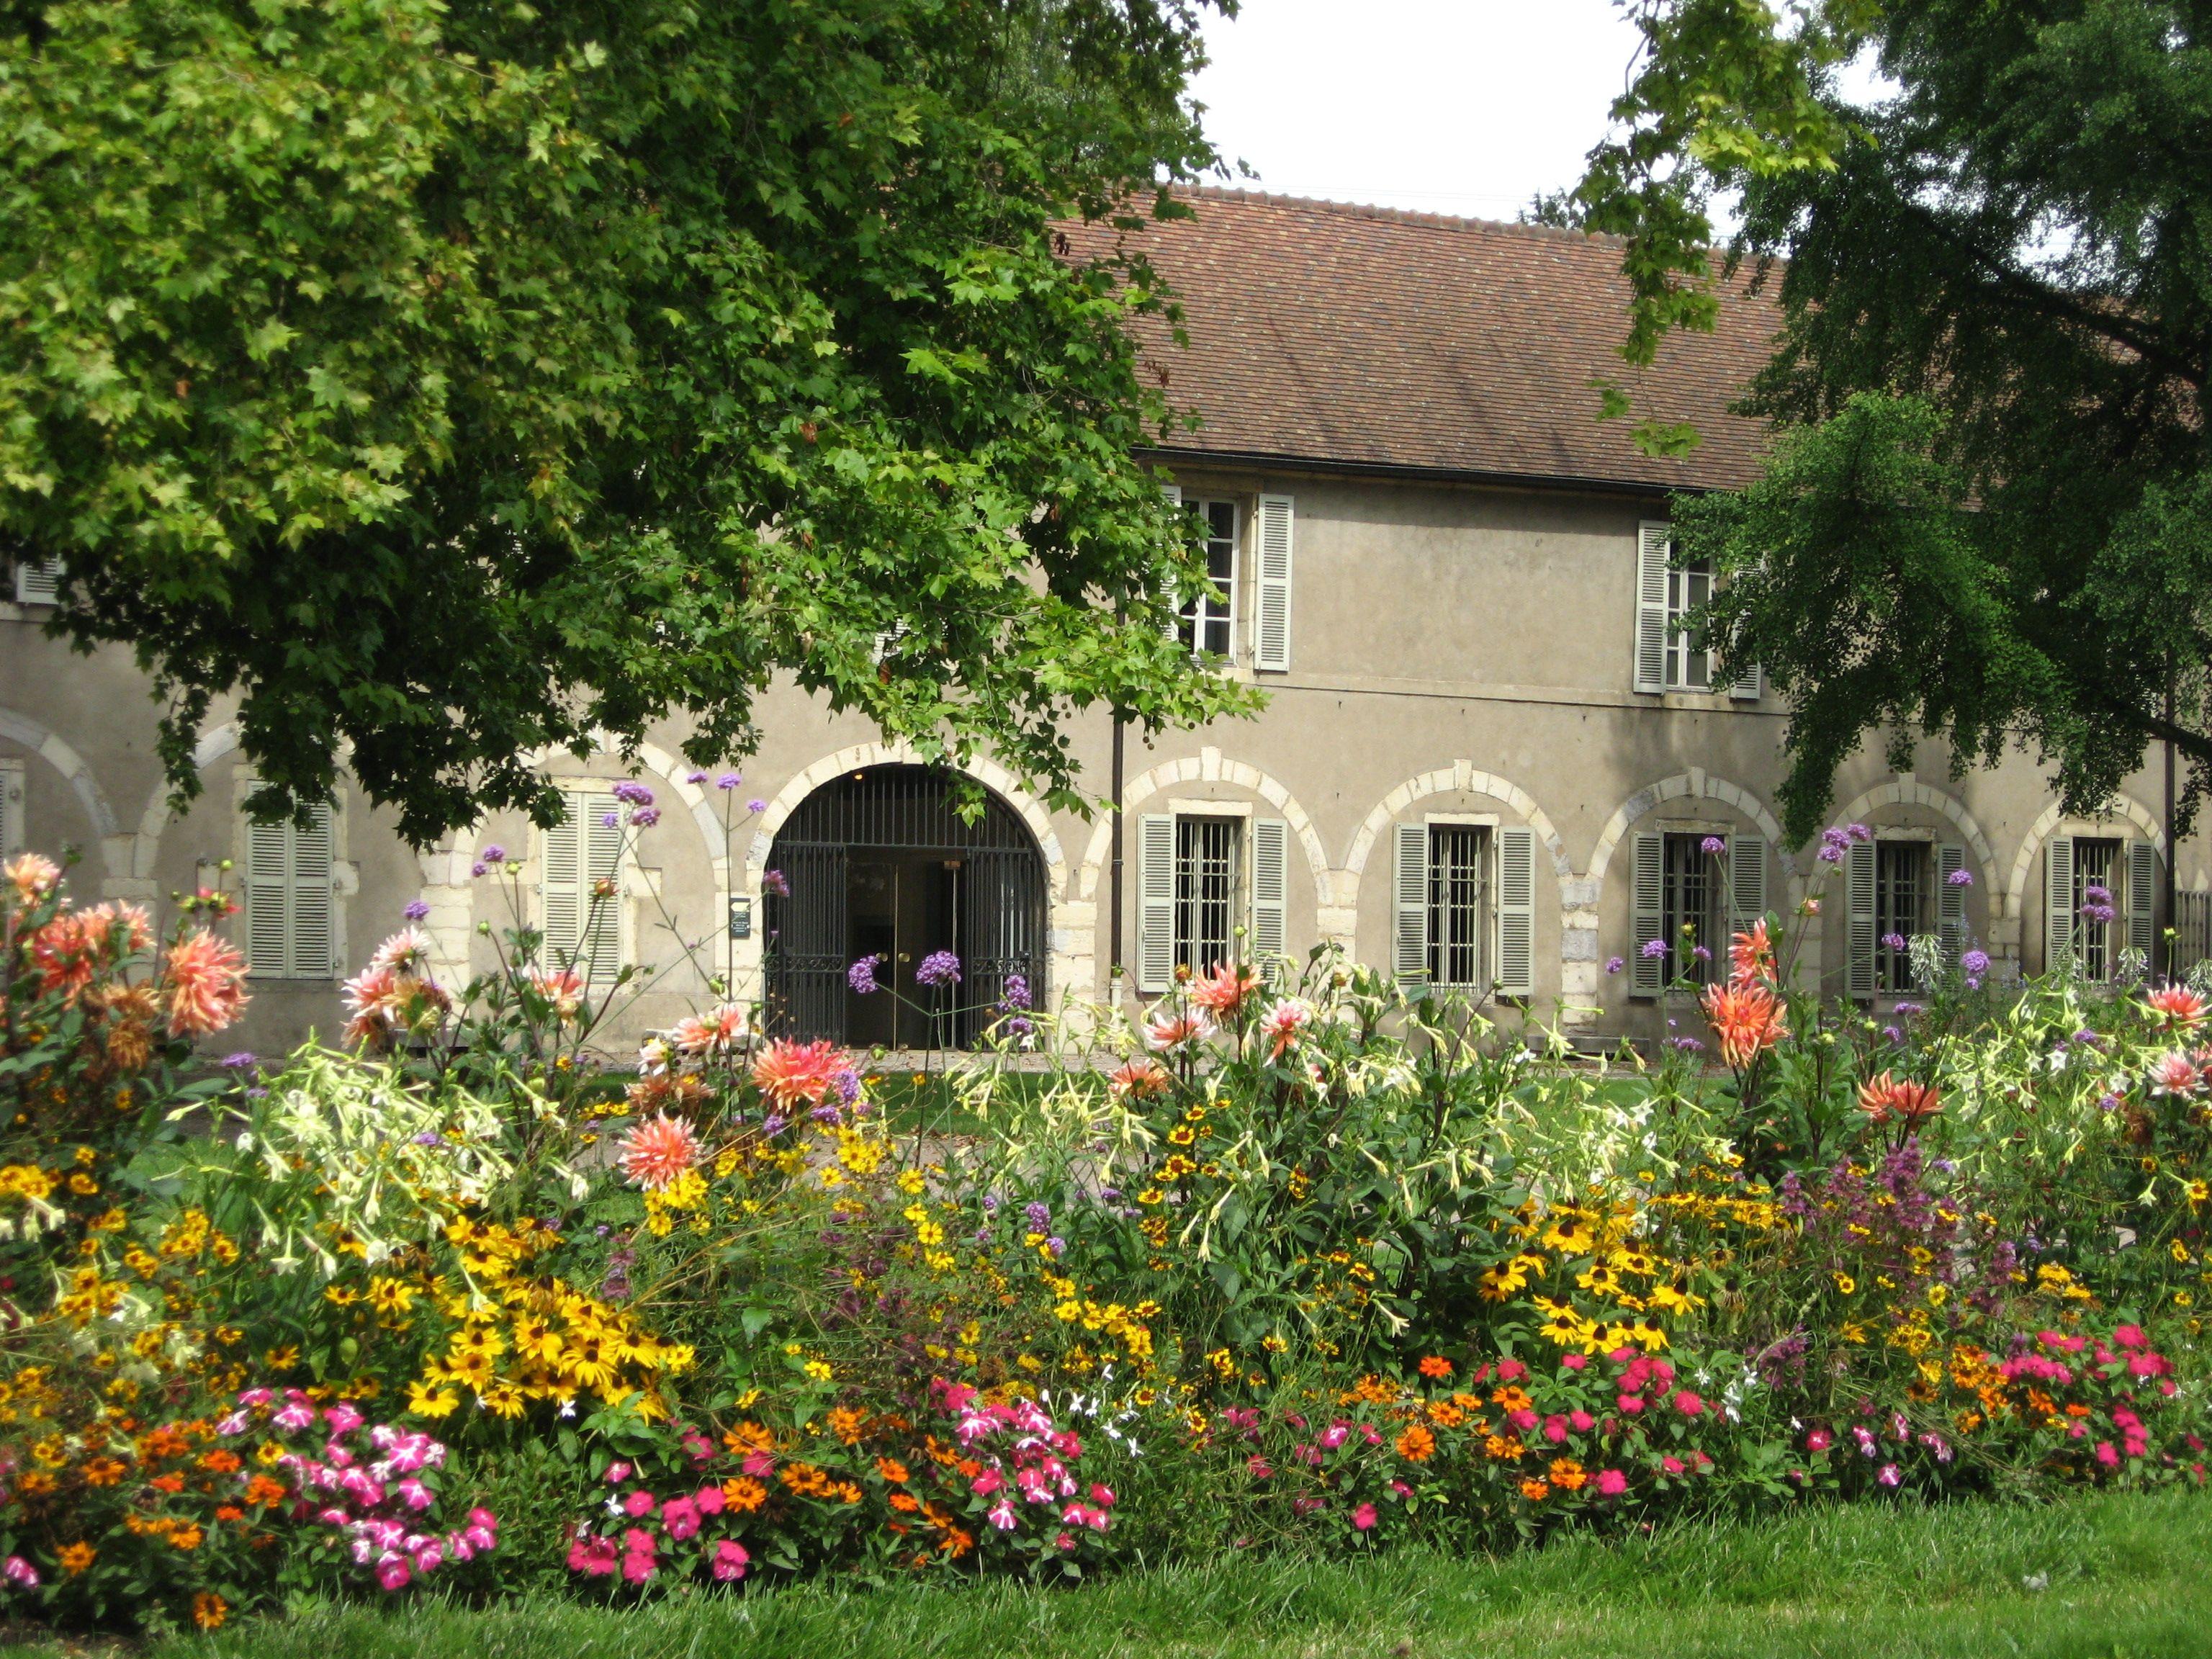 FRANCE - Côte d'Or : le jardin de l'Arquebuse à Dijon, dont le nom rappelle le souvenir du terrain de manoeuvre des arquebusiers.